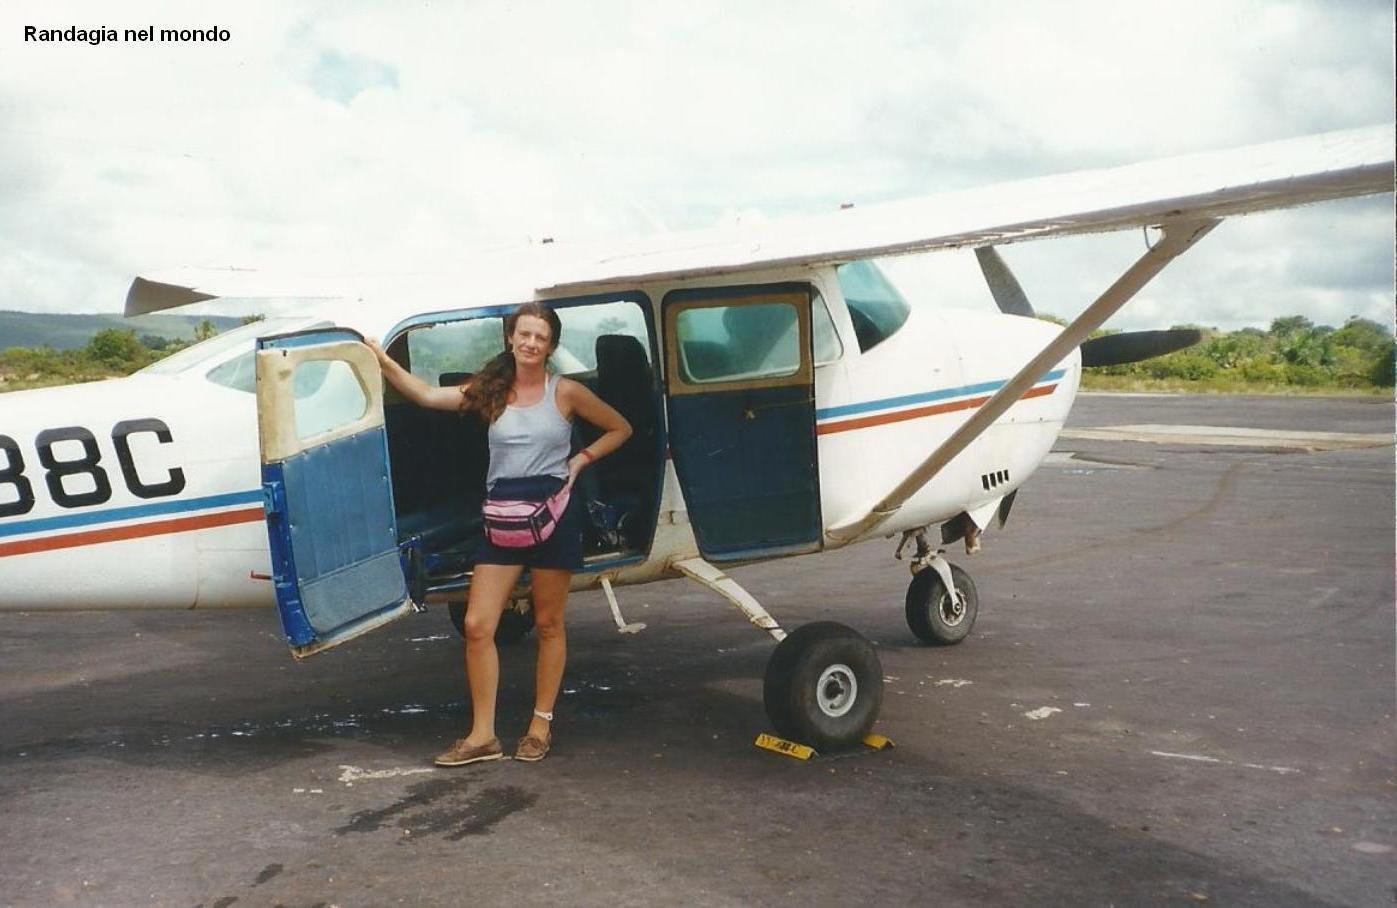 L'aeroplanino che mi ha portato a Canaima da Ciudad Bolivar